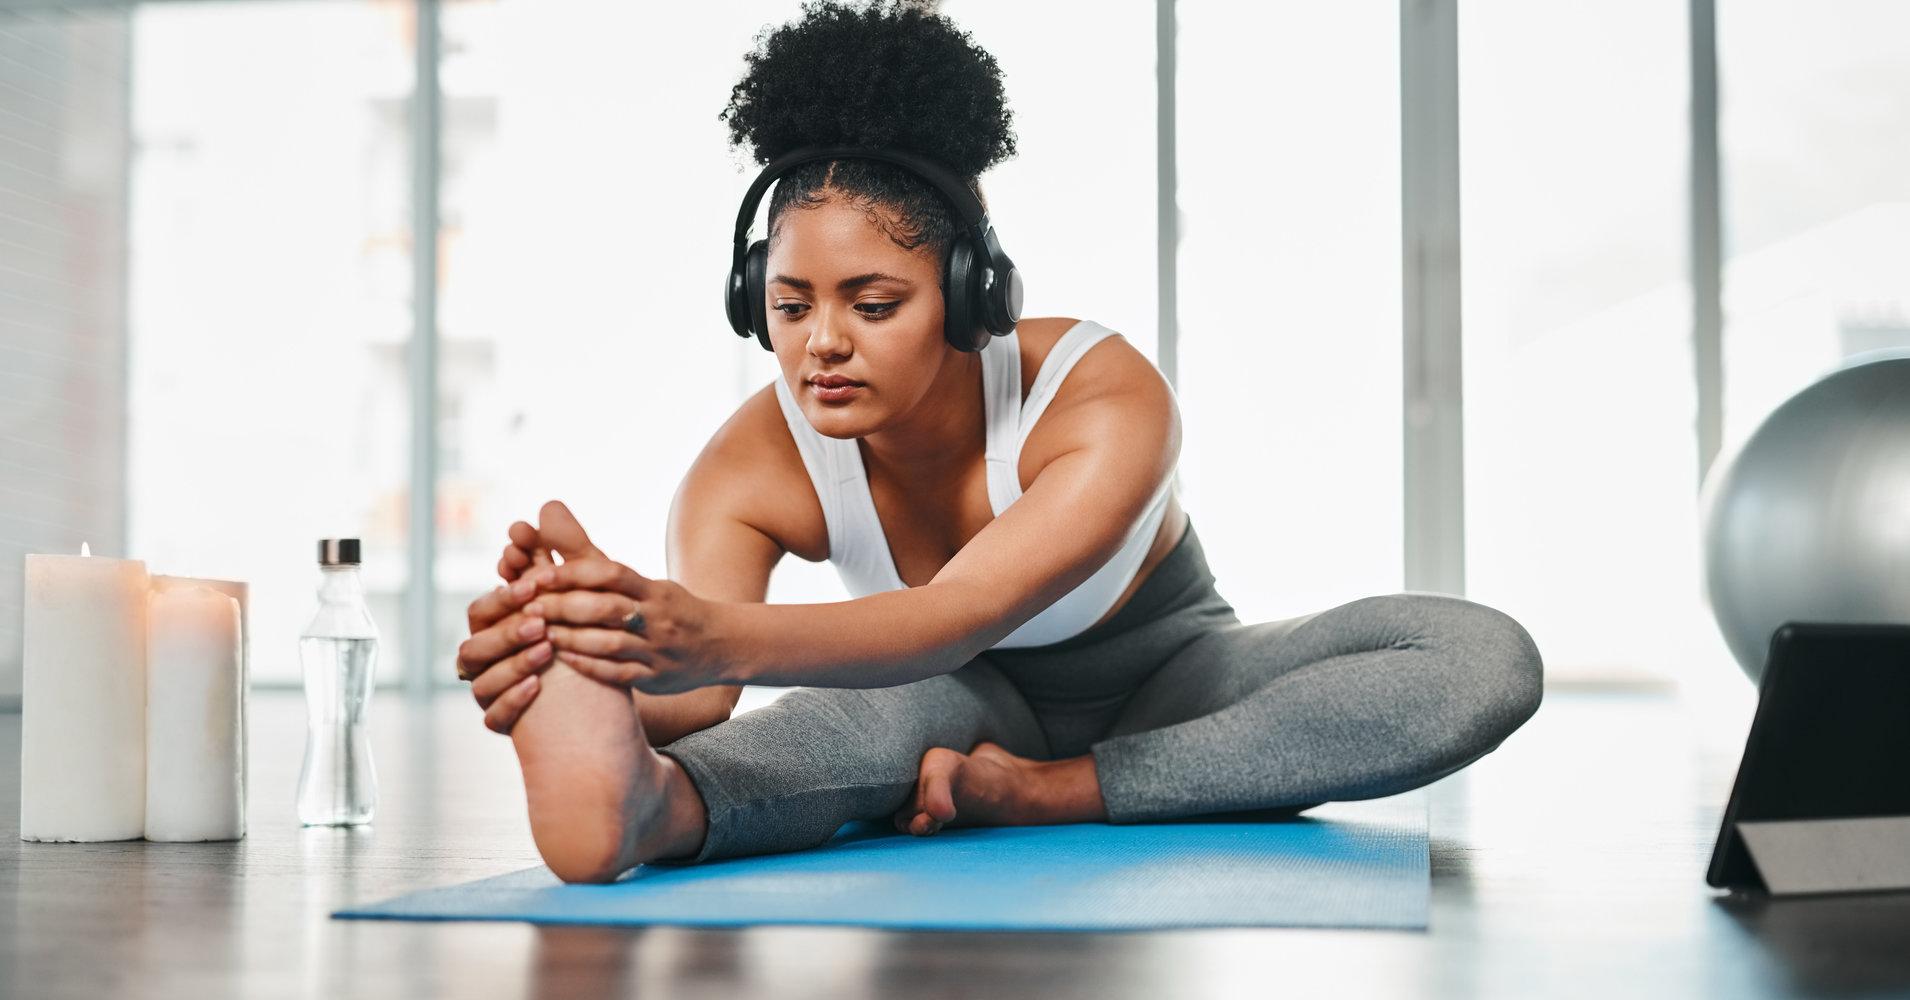 Αθλητισμός Οφέλη: Το stretching κάνει καλό στην υγεία [vid]